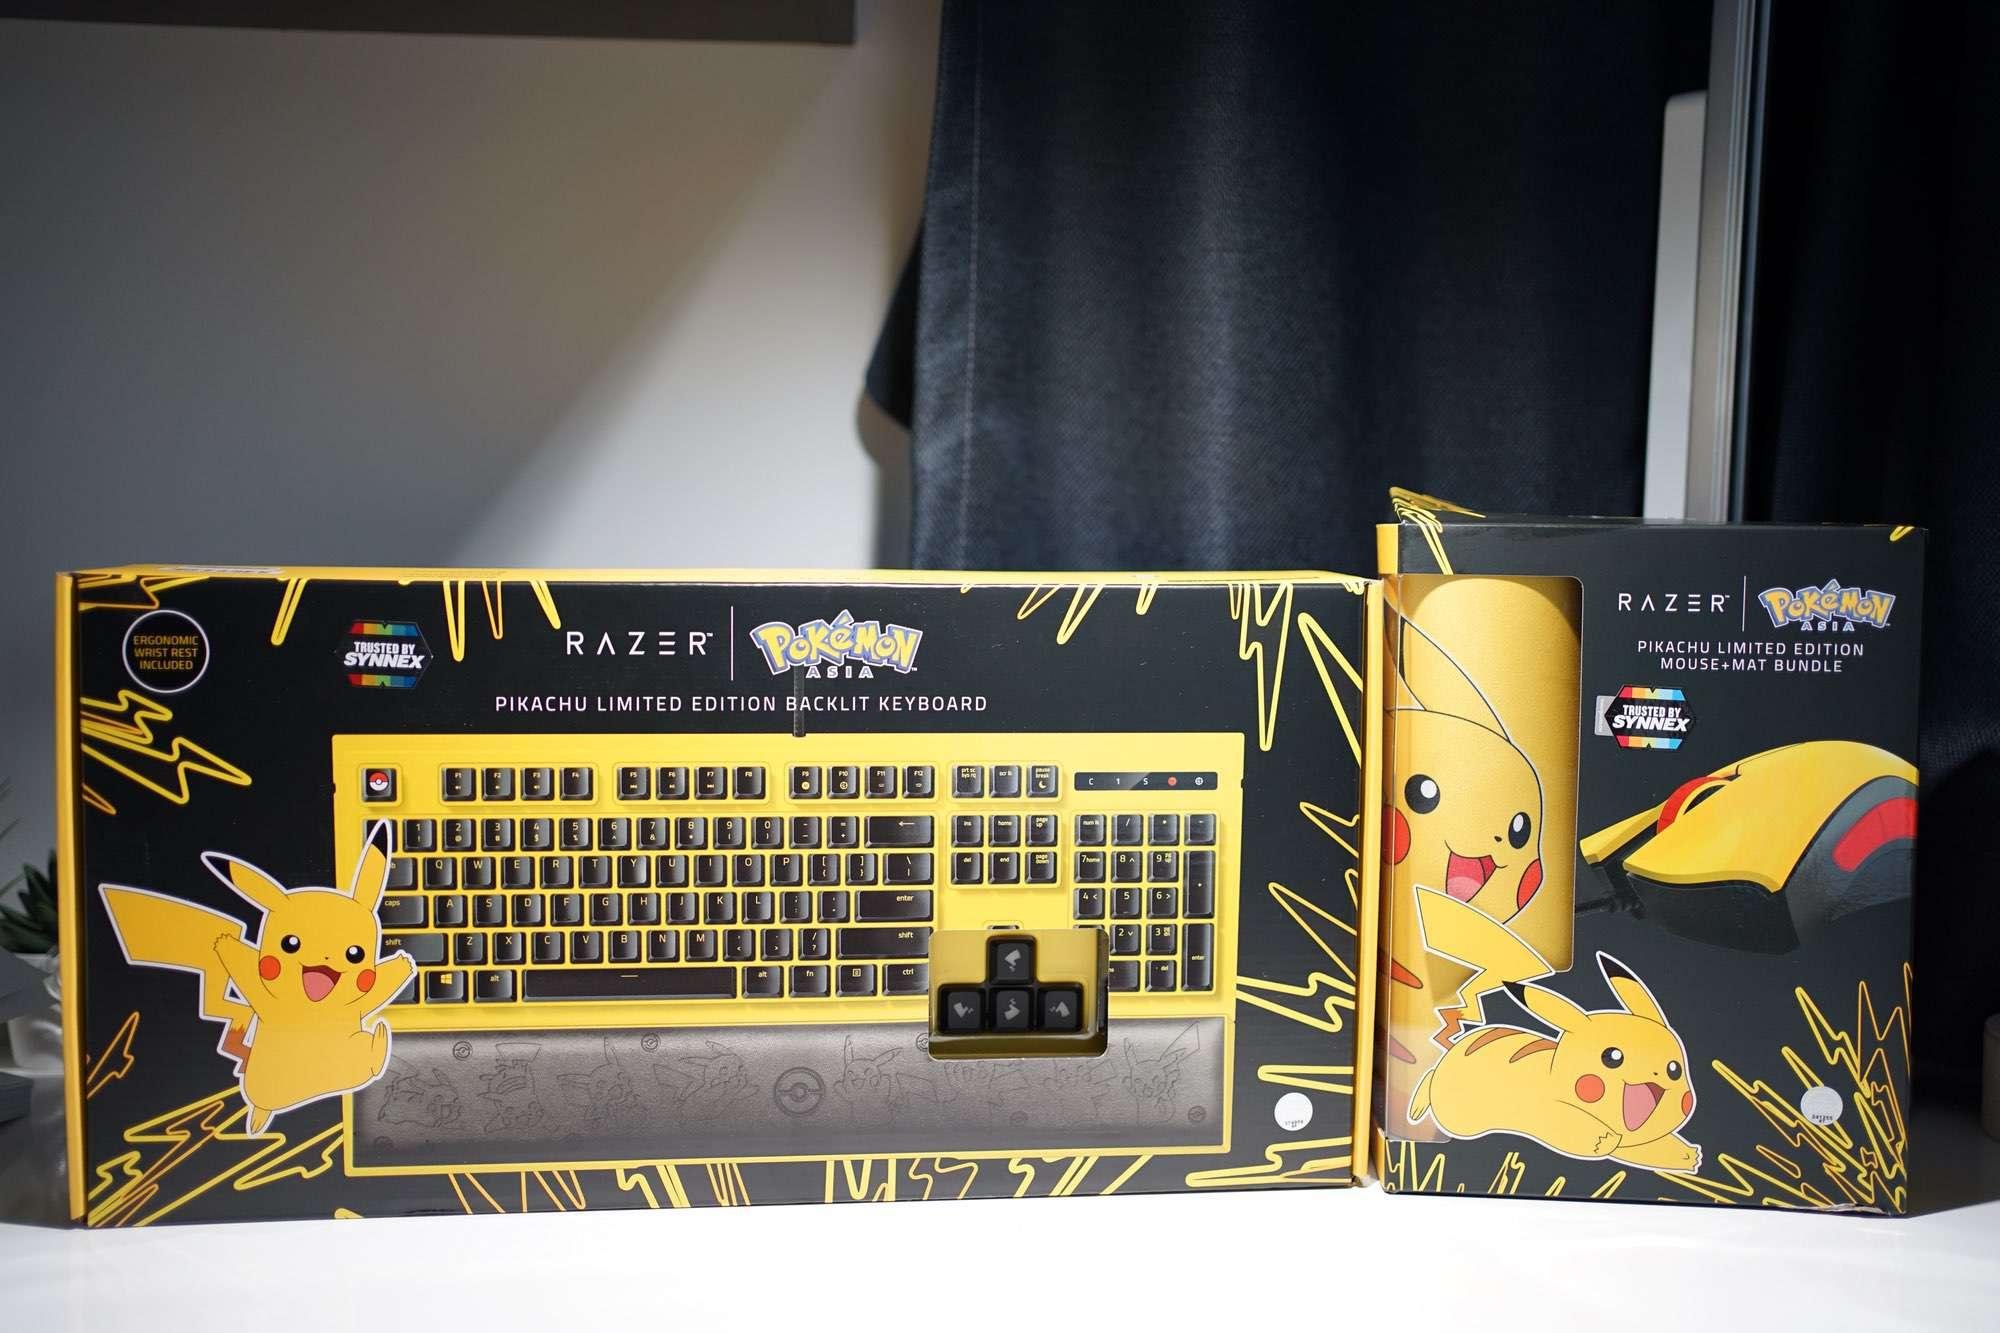 Razer x Pokémon Pikachu Edition